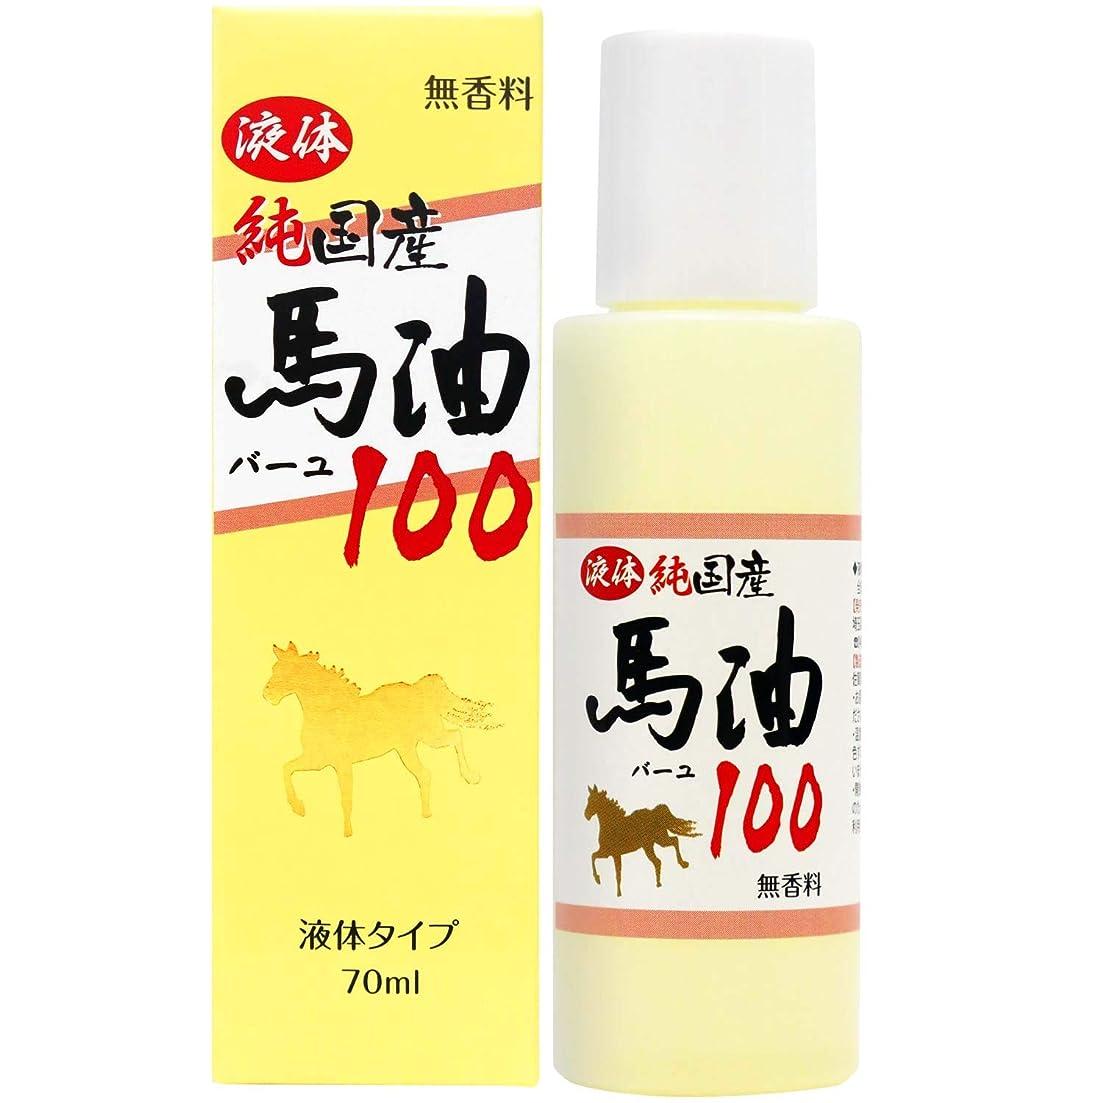 カンガルー広告一口ユウキ製薬 液体純国産馬油100 70ml